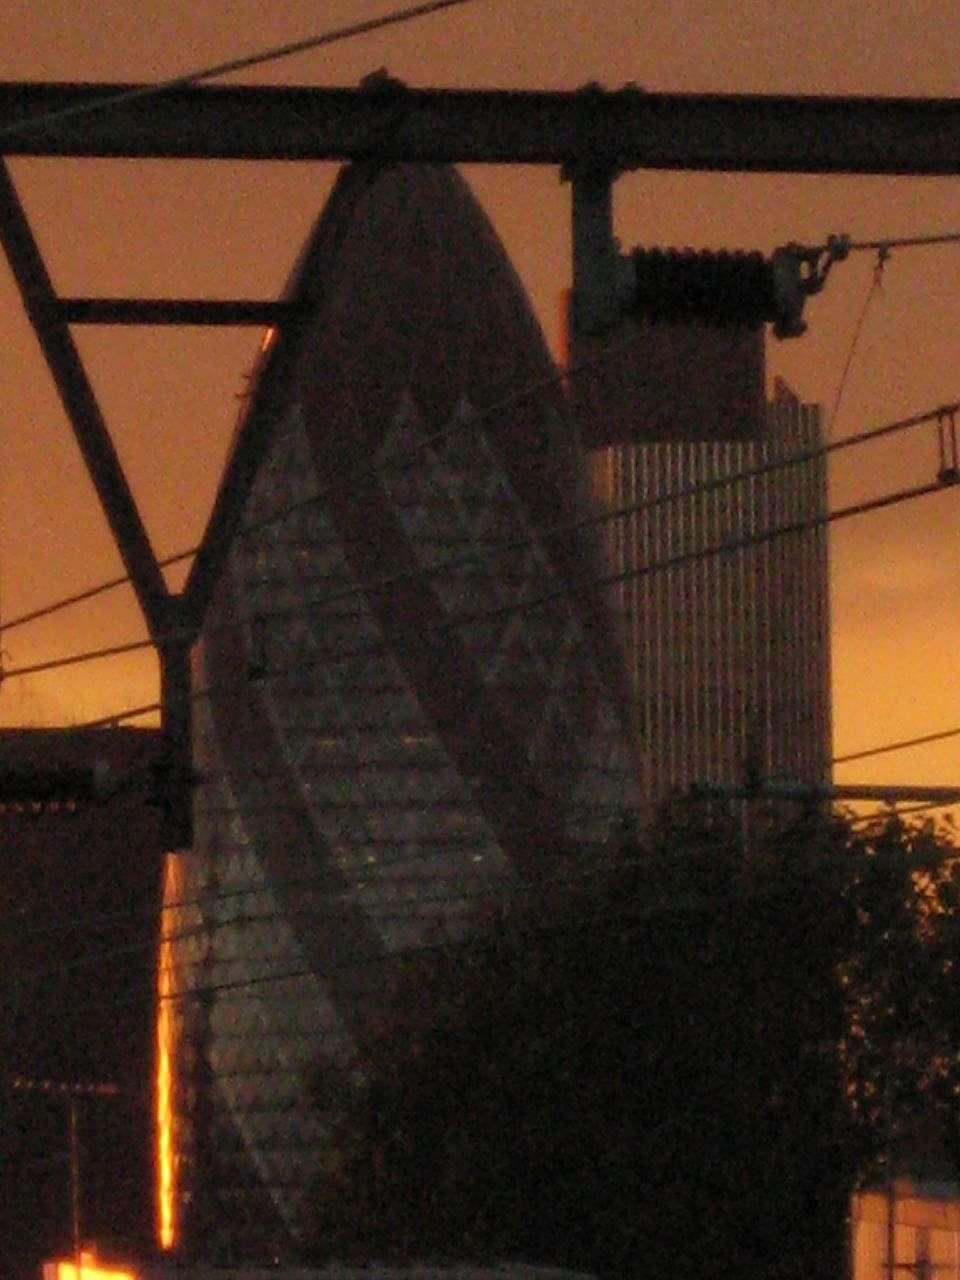 Gherkin at sundown